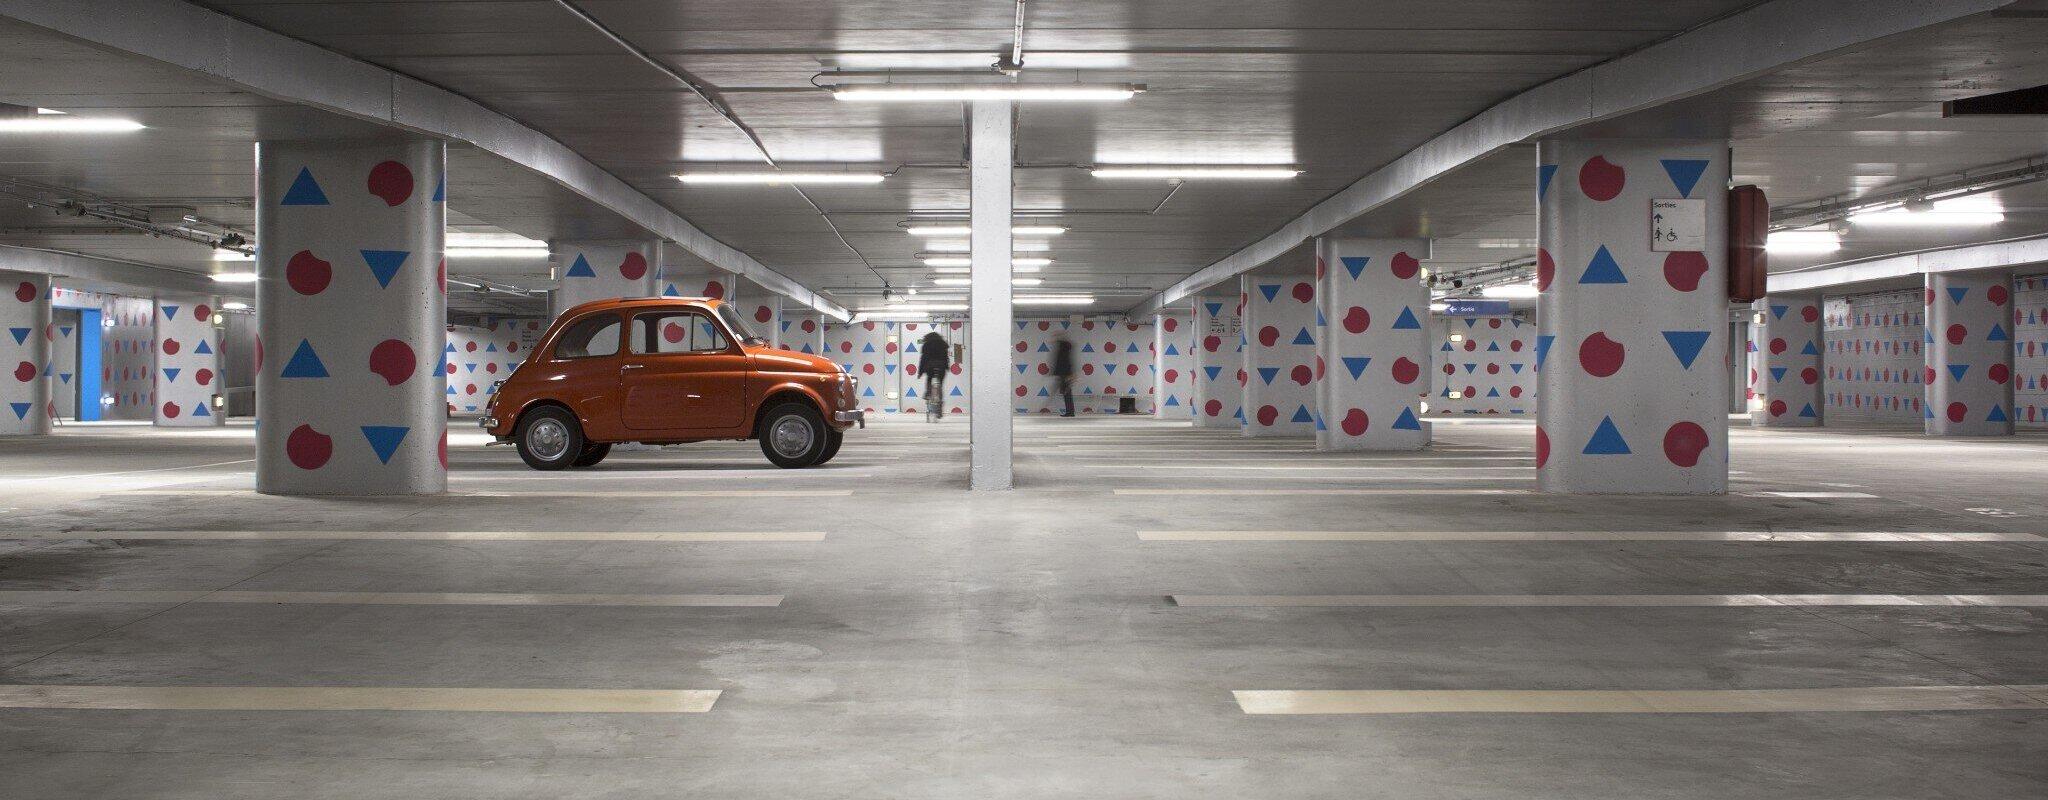 Avec de l'art aux murs et des trottinettes, les parkings de Parcus se modernisent